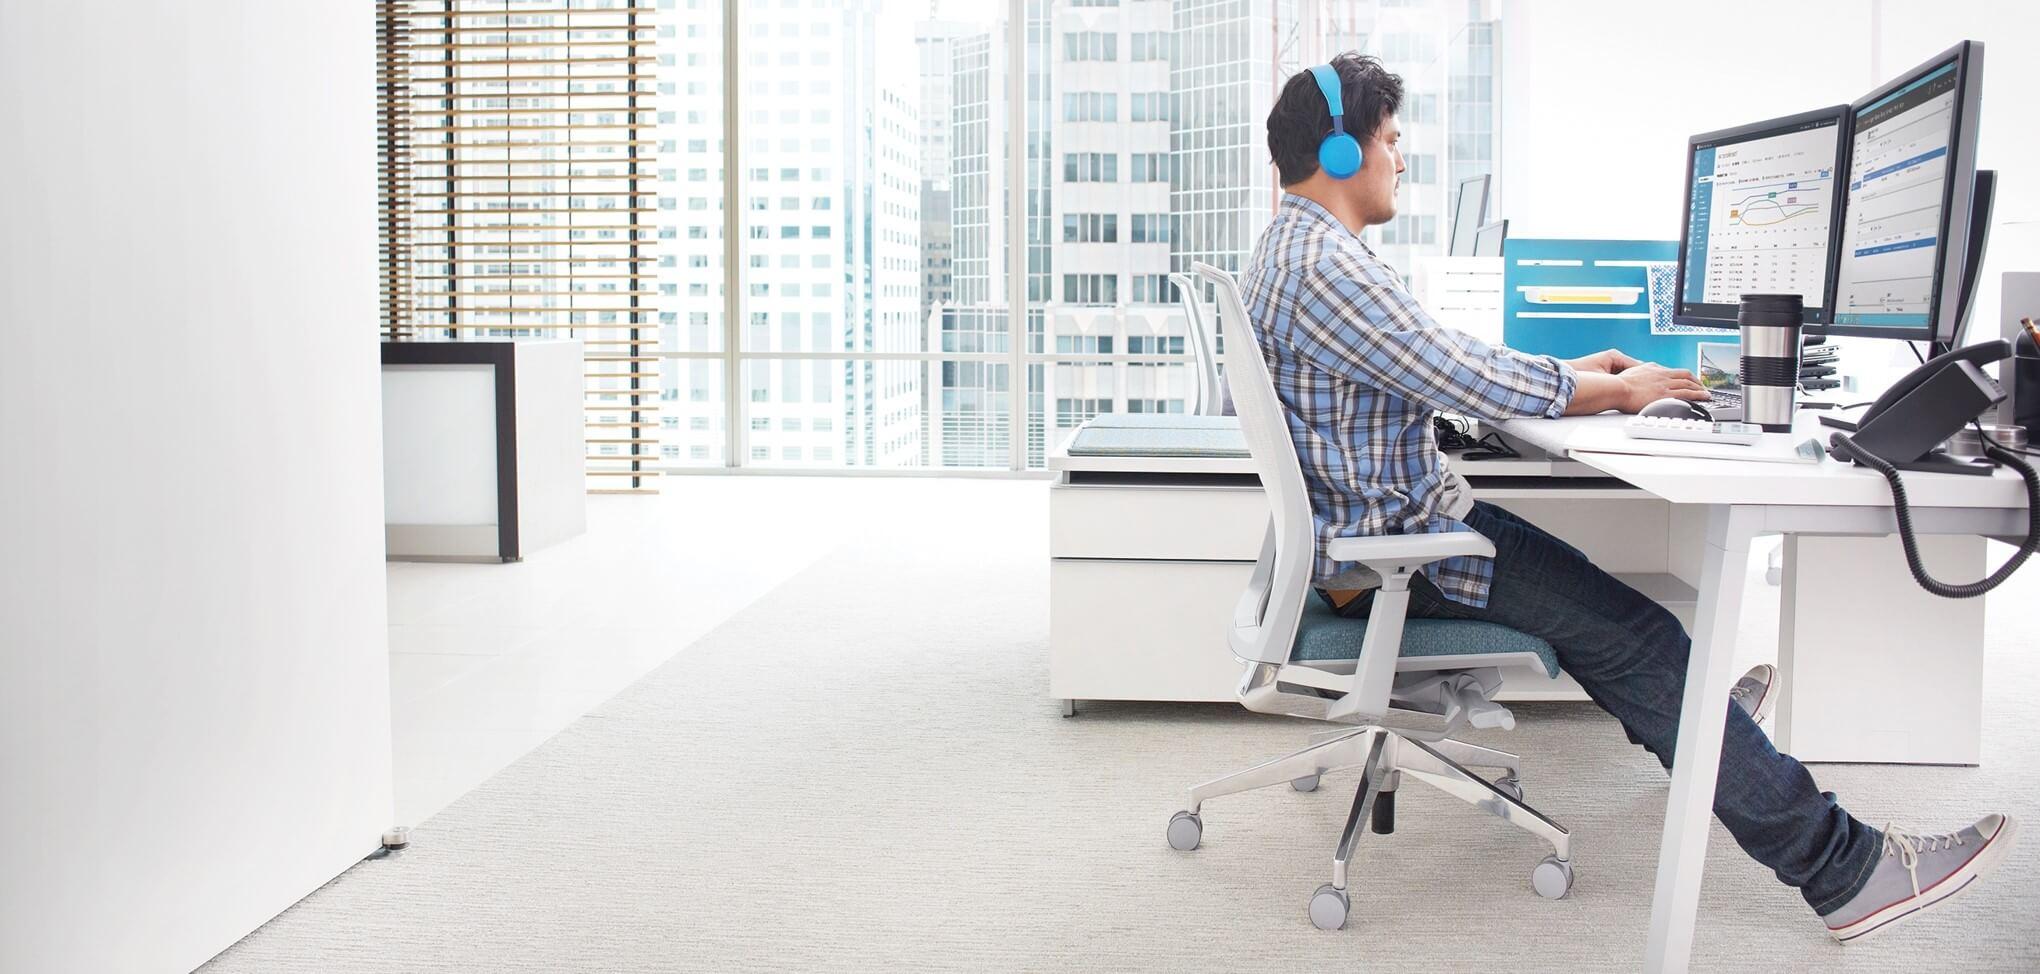 Zuverlässigkeit & Sicherheit am Arbeitsplatz mit Office365